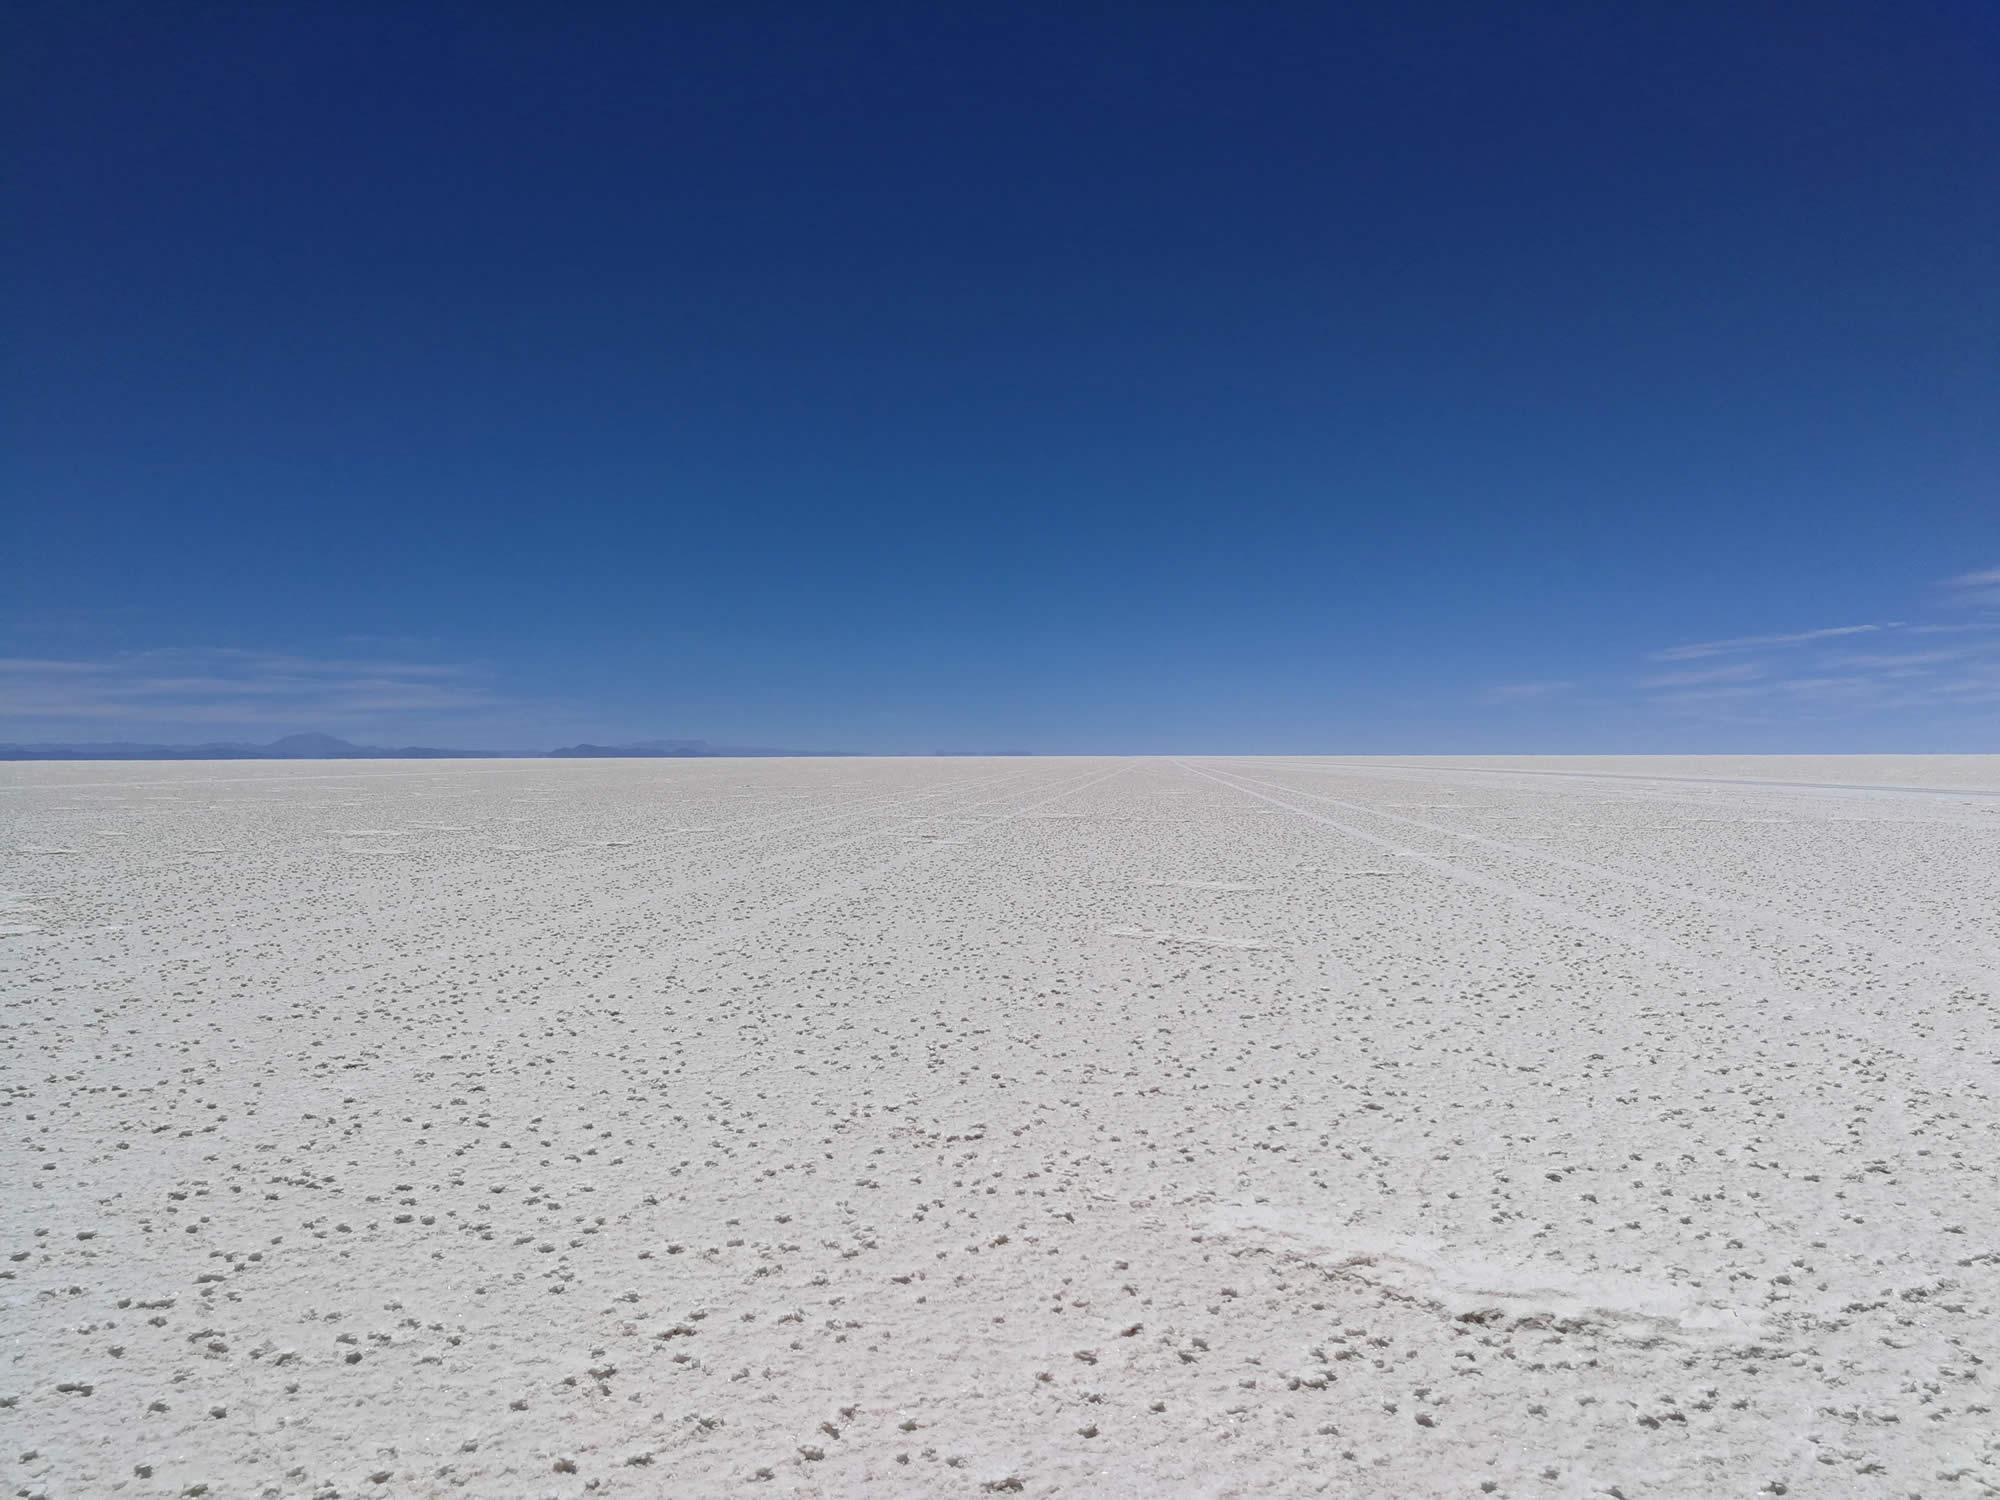 Bolivia Desierto de Sal Seco